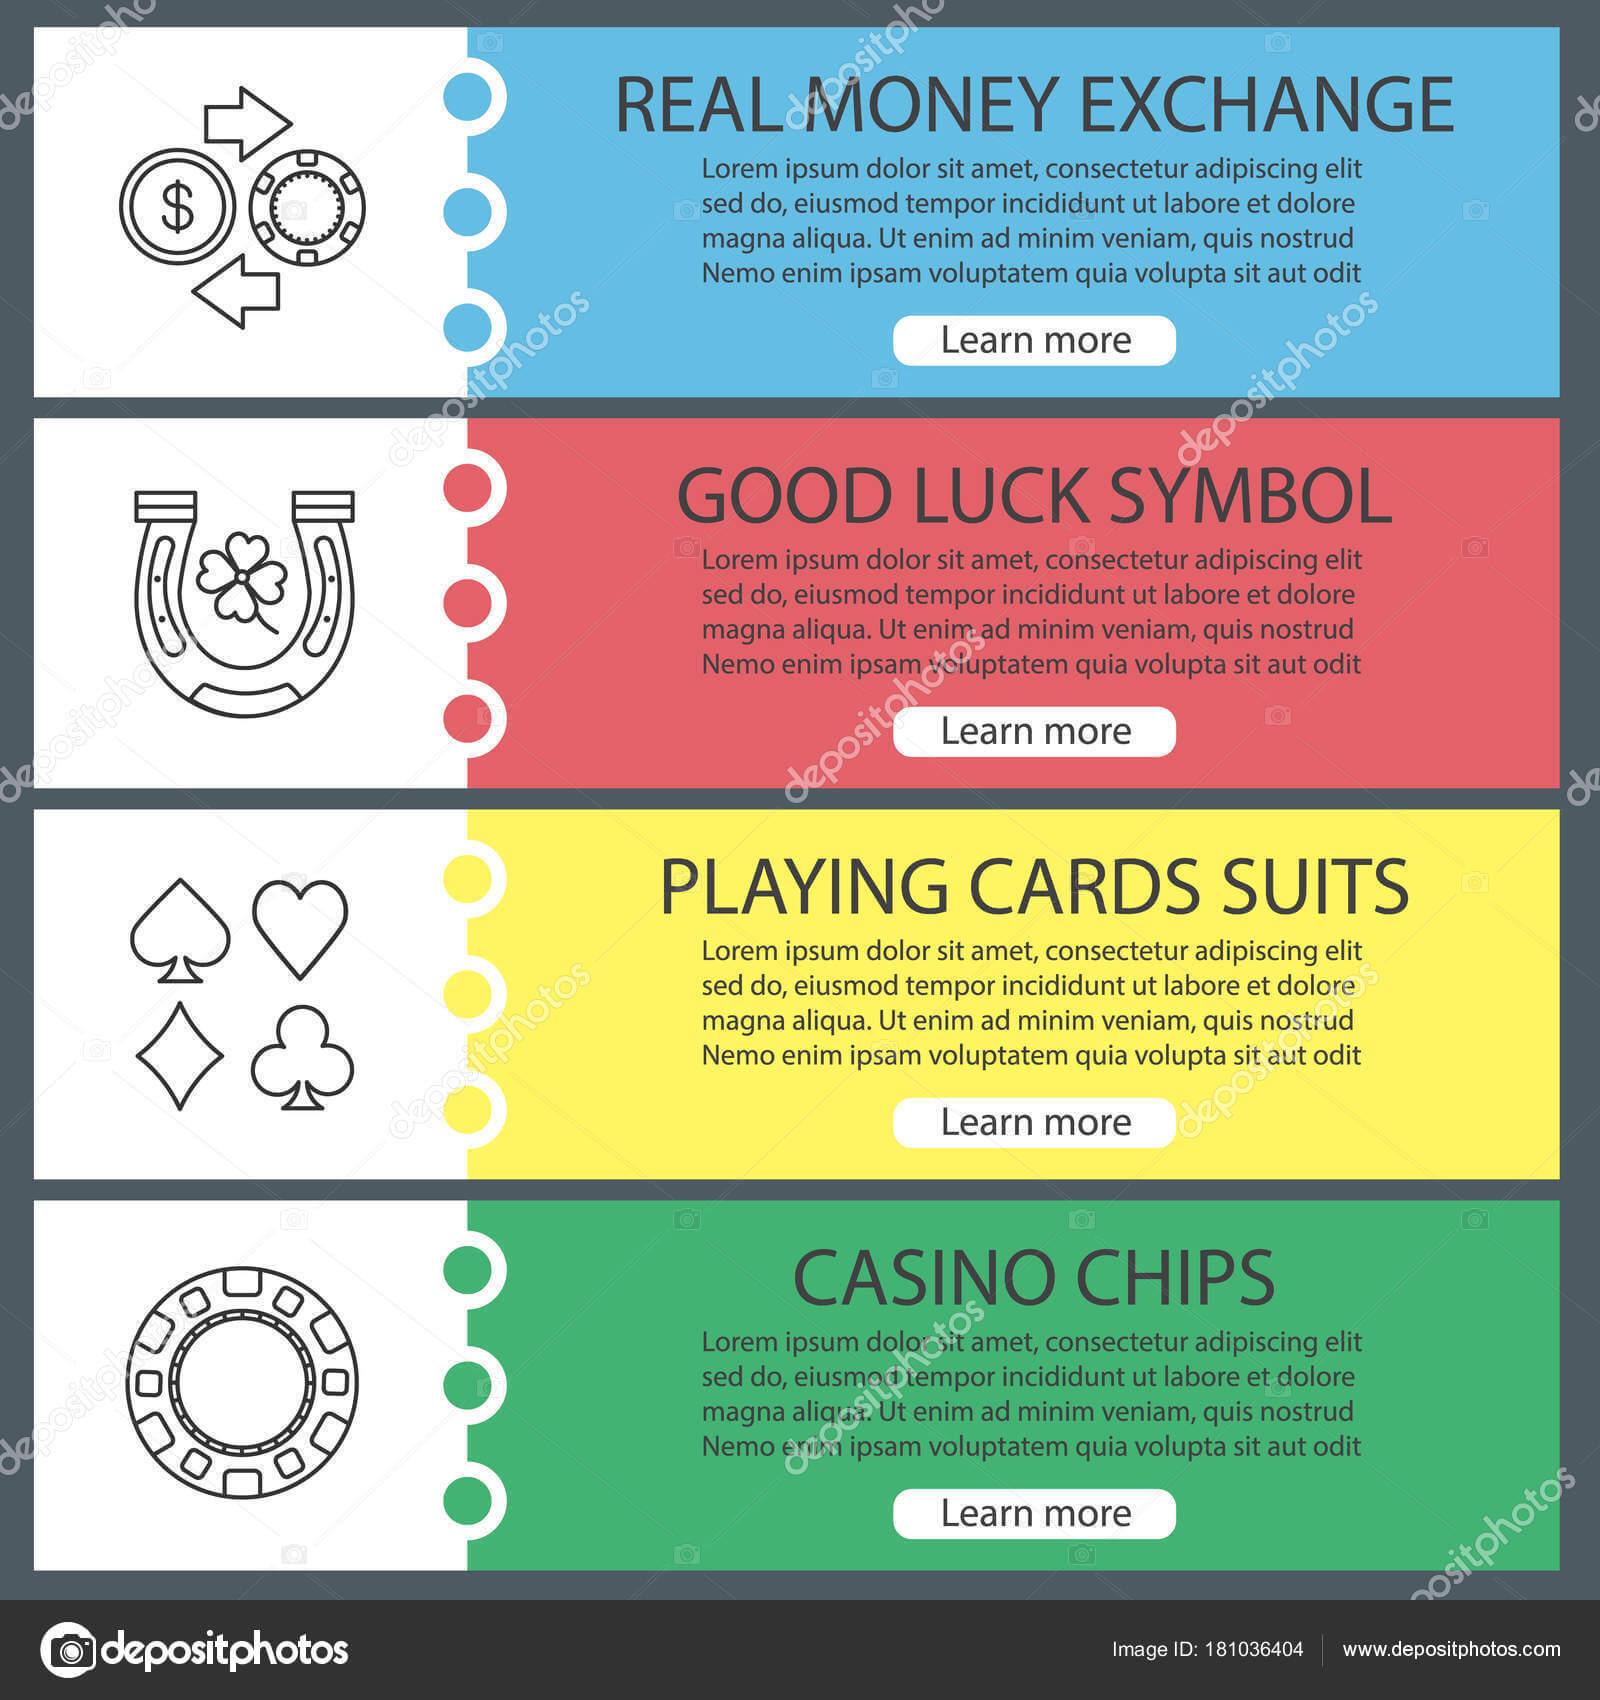 Casino Web Banner Templates Set — Stock Vector © Bsd #181036404 Regarding Good Luck Banner Template